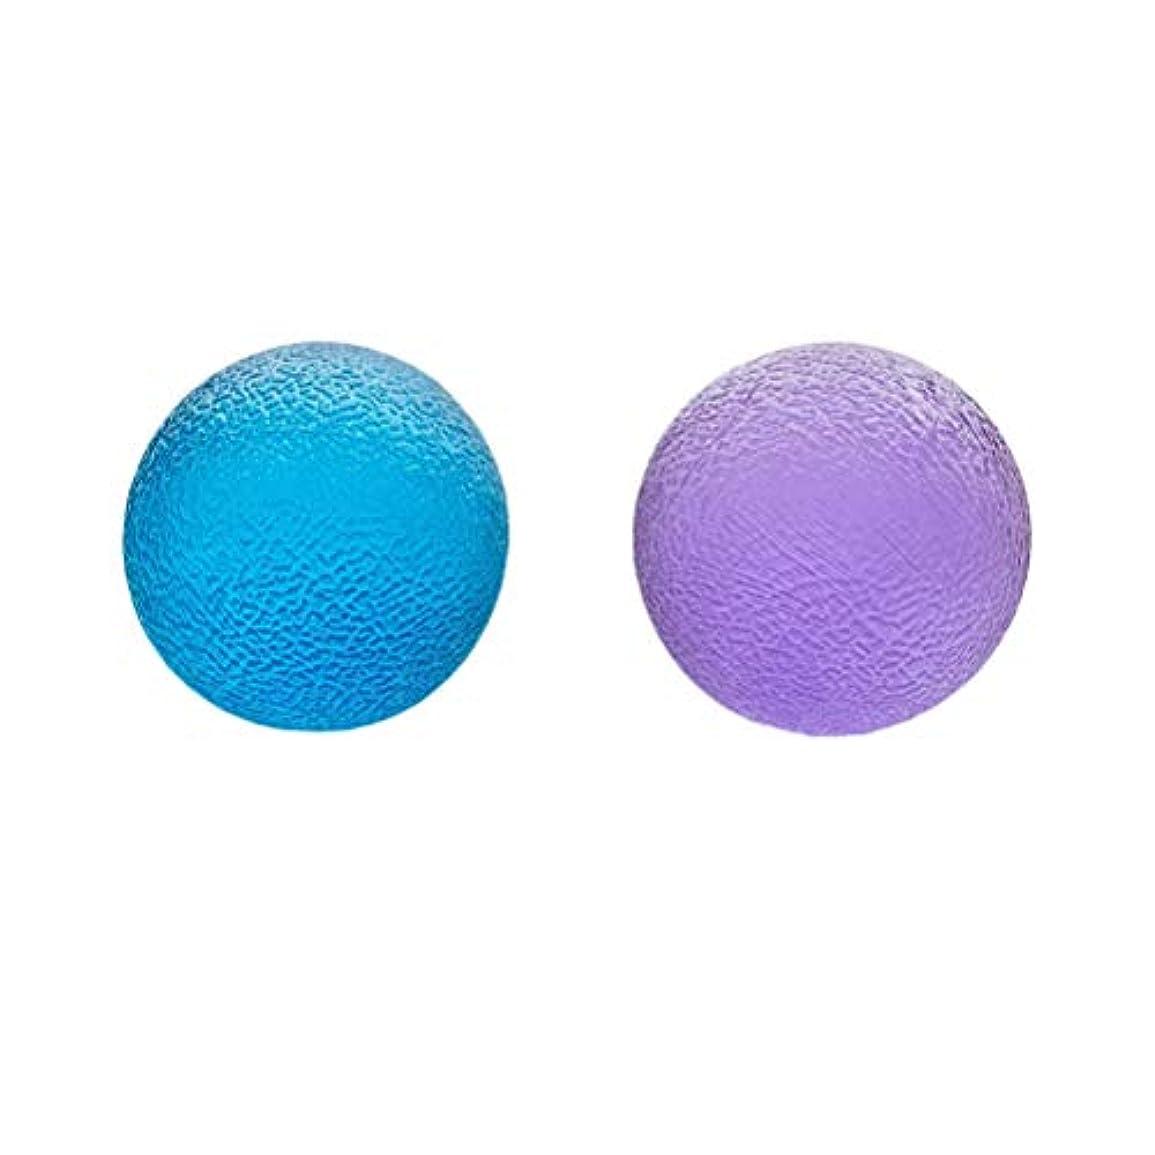 とげのある炎上スラックHealifty ハンドストレスボールセラピーボールストレス解消のためにハンドグリップボールを絞る関節炎の痛みを軽減するセラピー強化治療2個(青と紫)